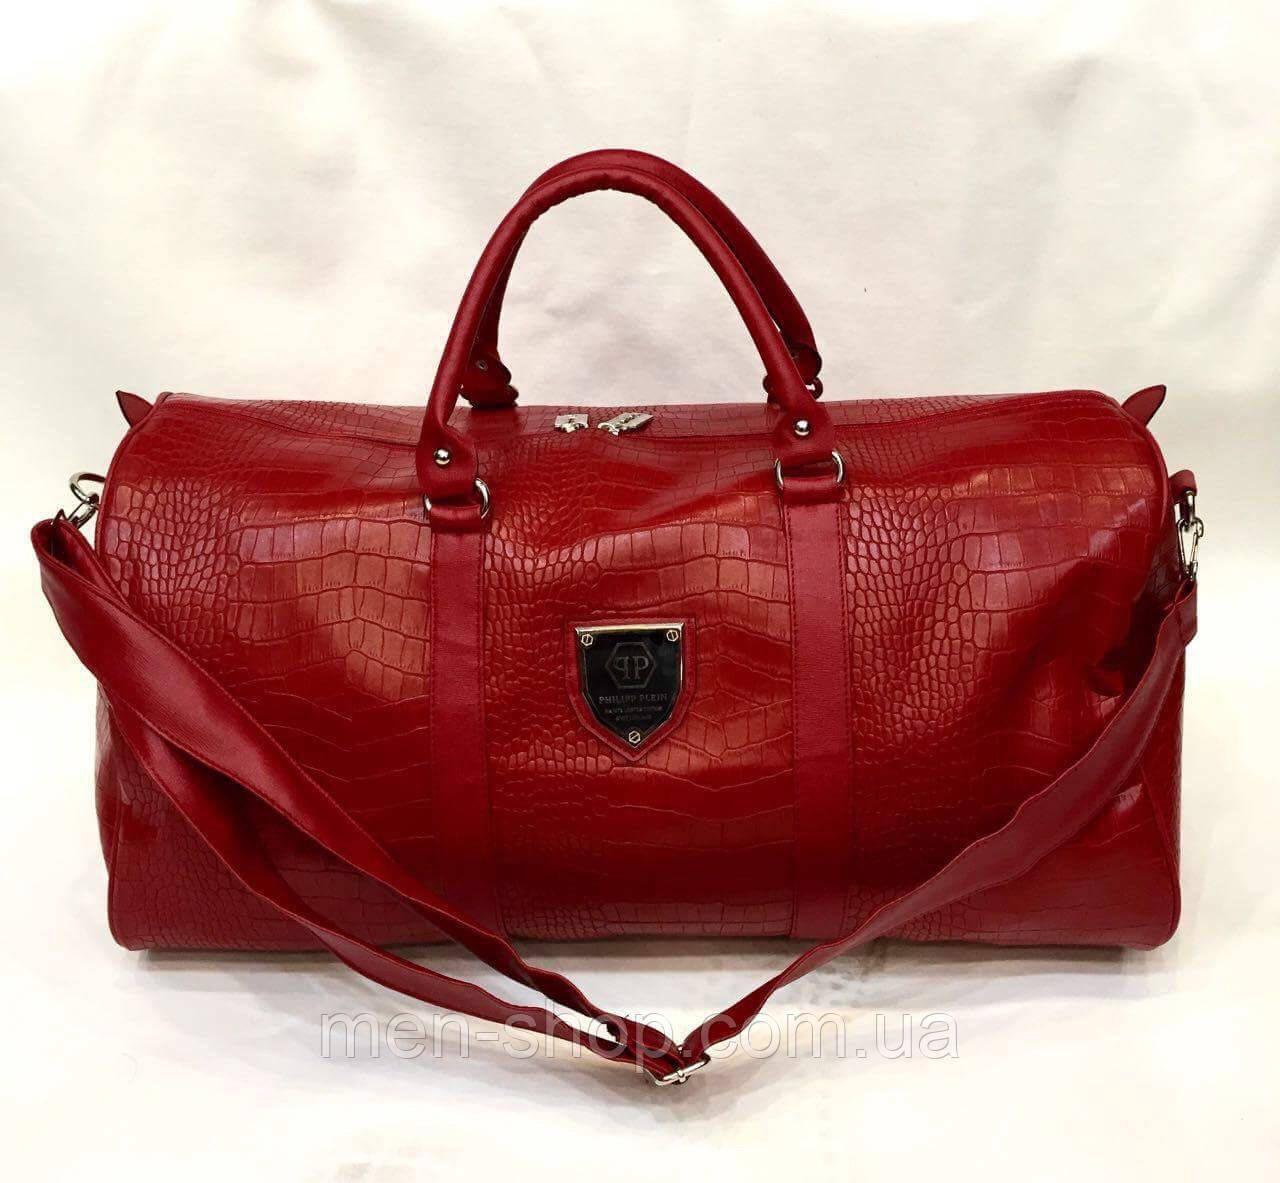 Купить сумку филипп плейн chanel синяя замшевая сумка на цепочке